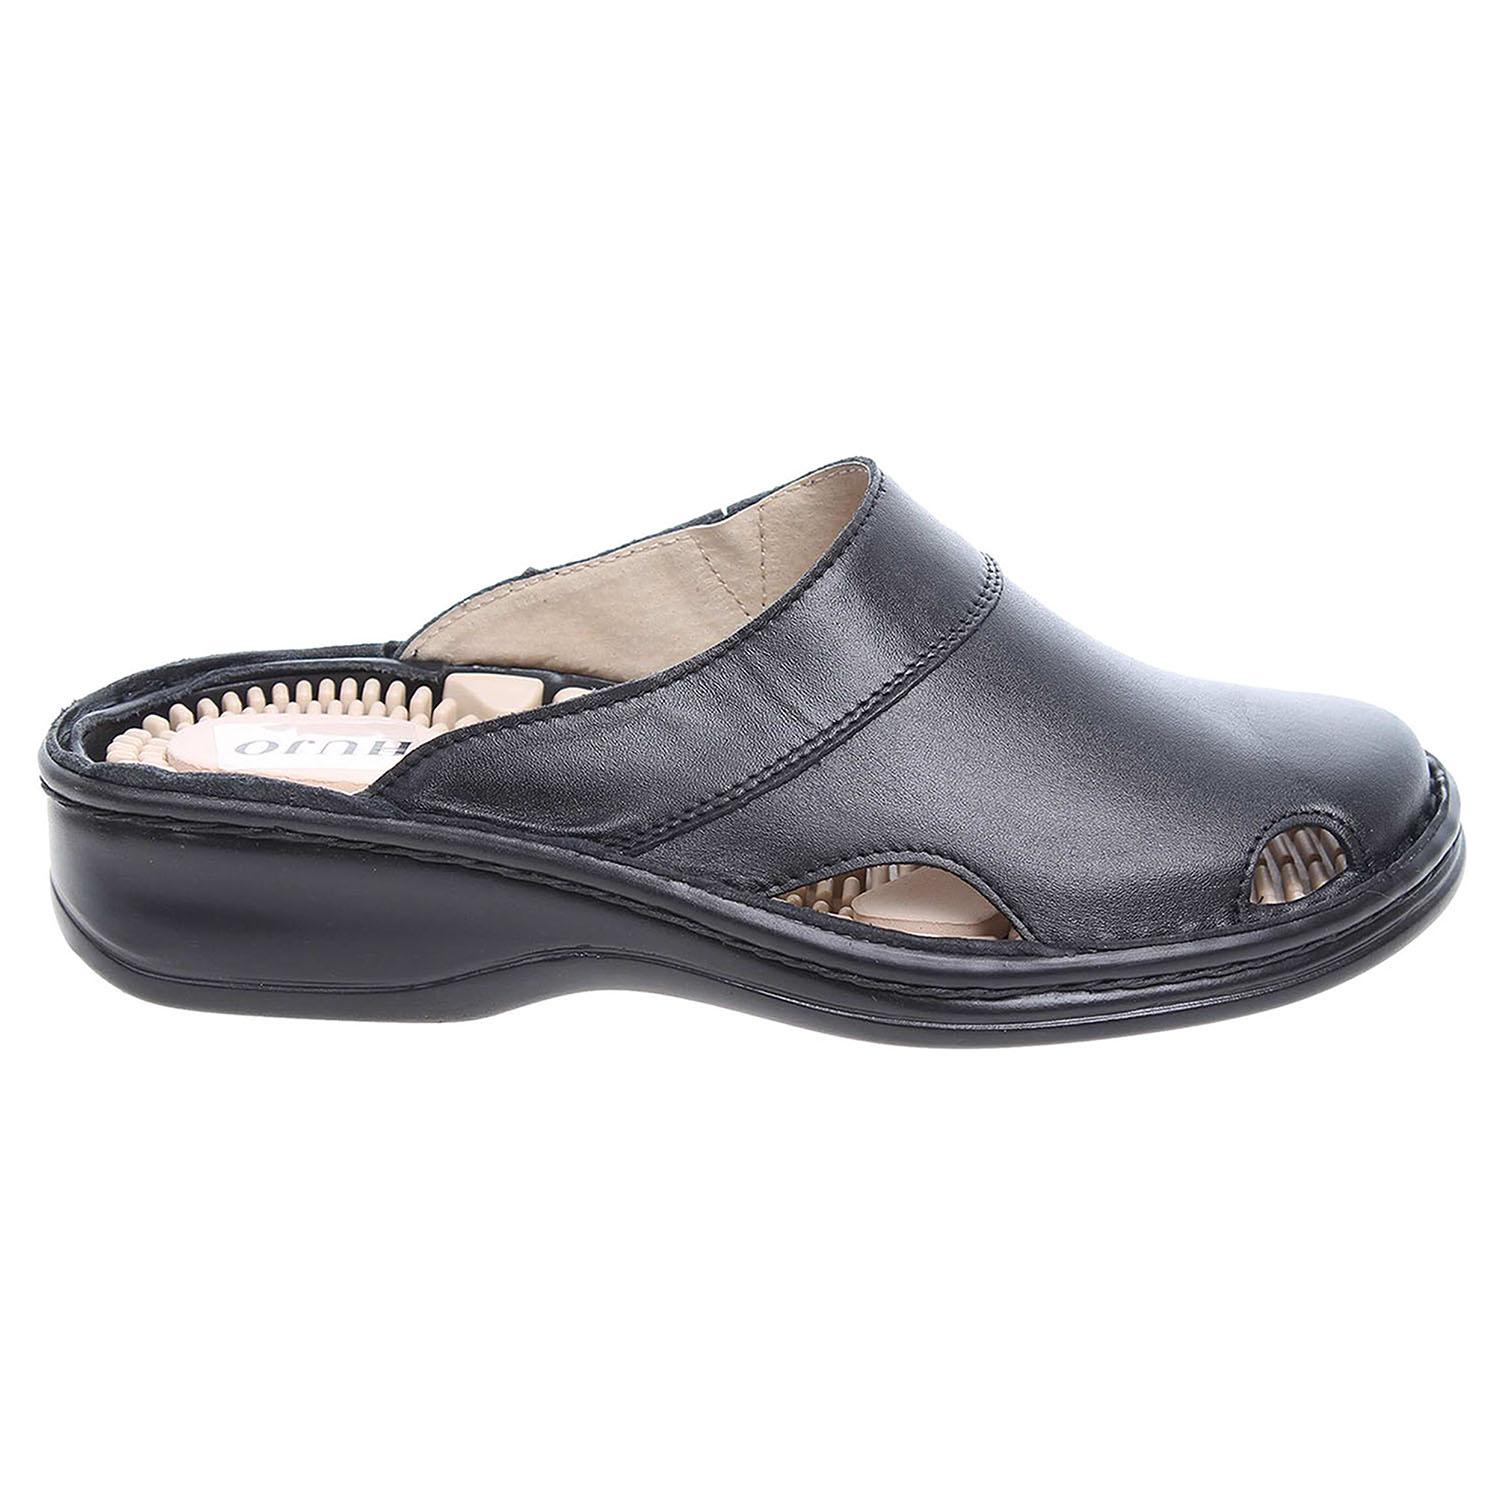 Dámské pantofle masážní F 01 černé 41